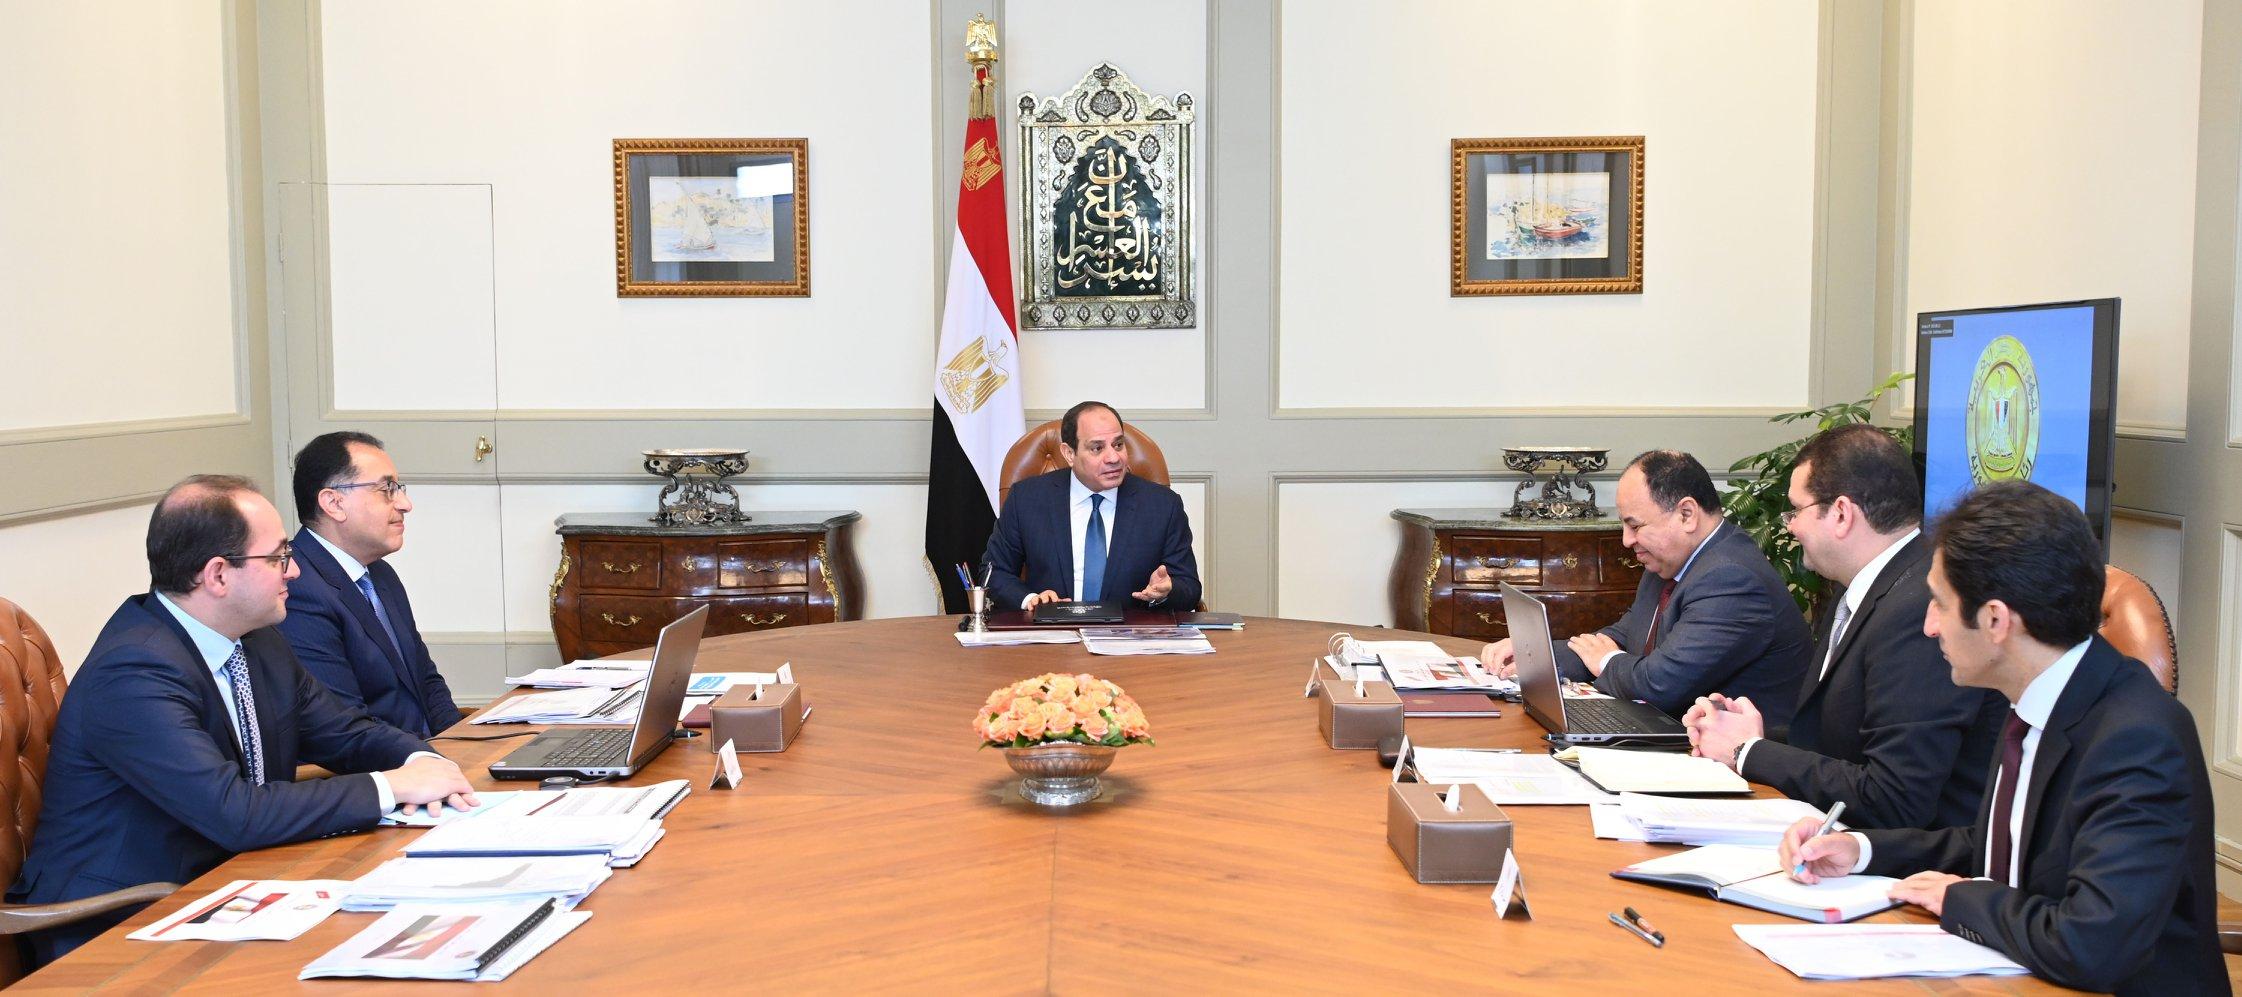 الرئيس السيسى يبحث مع مدبولى ووزير المالية تنفيذ قرار رفع الحد الأدنى للأجور